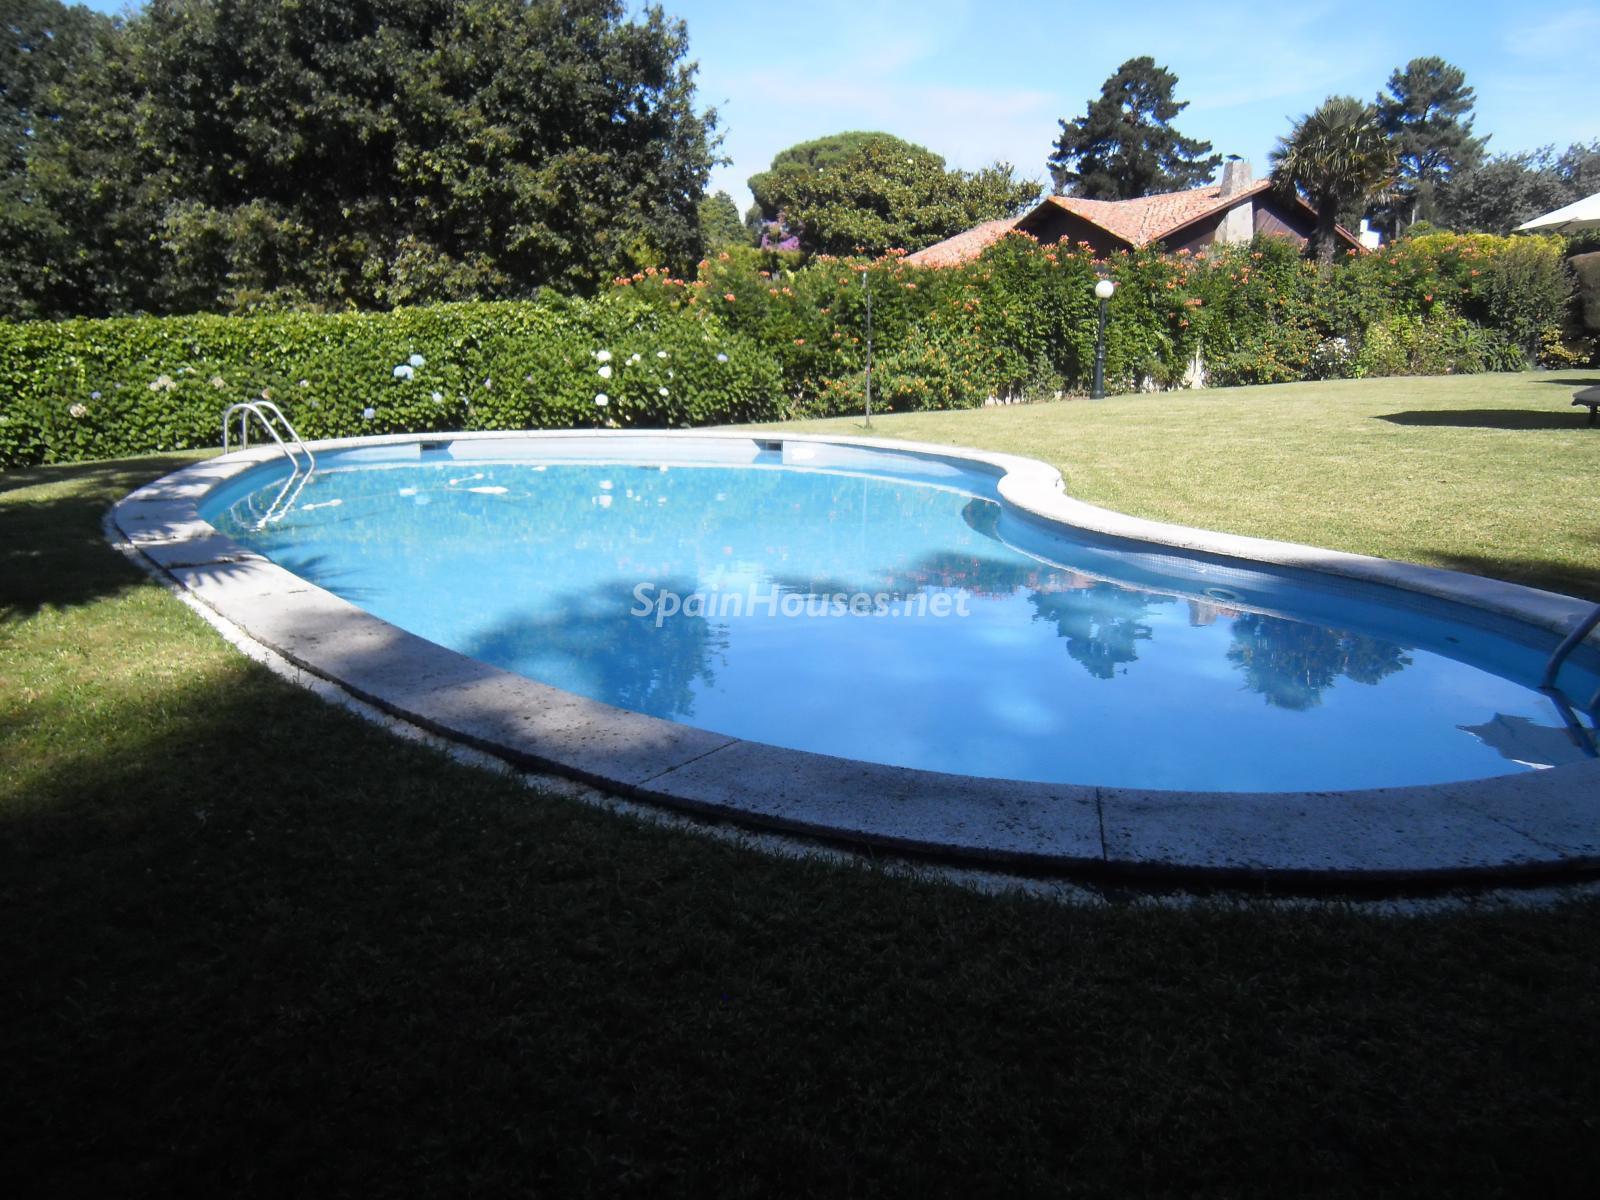 Foto 7 - Chalet independiente en venta en Oleiros, Ref: 1825929